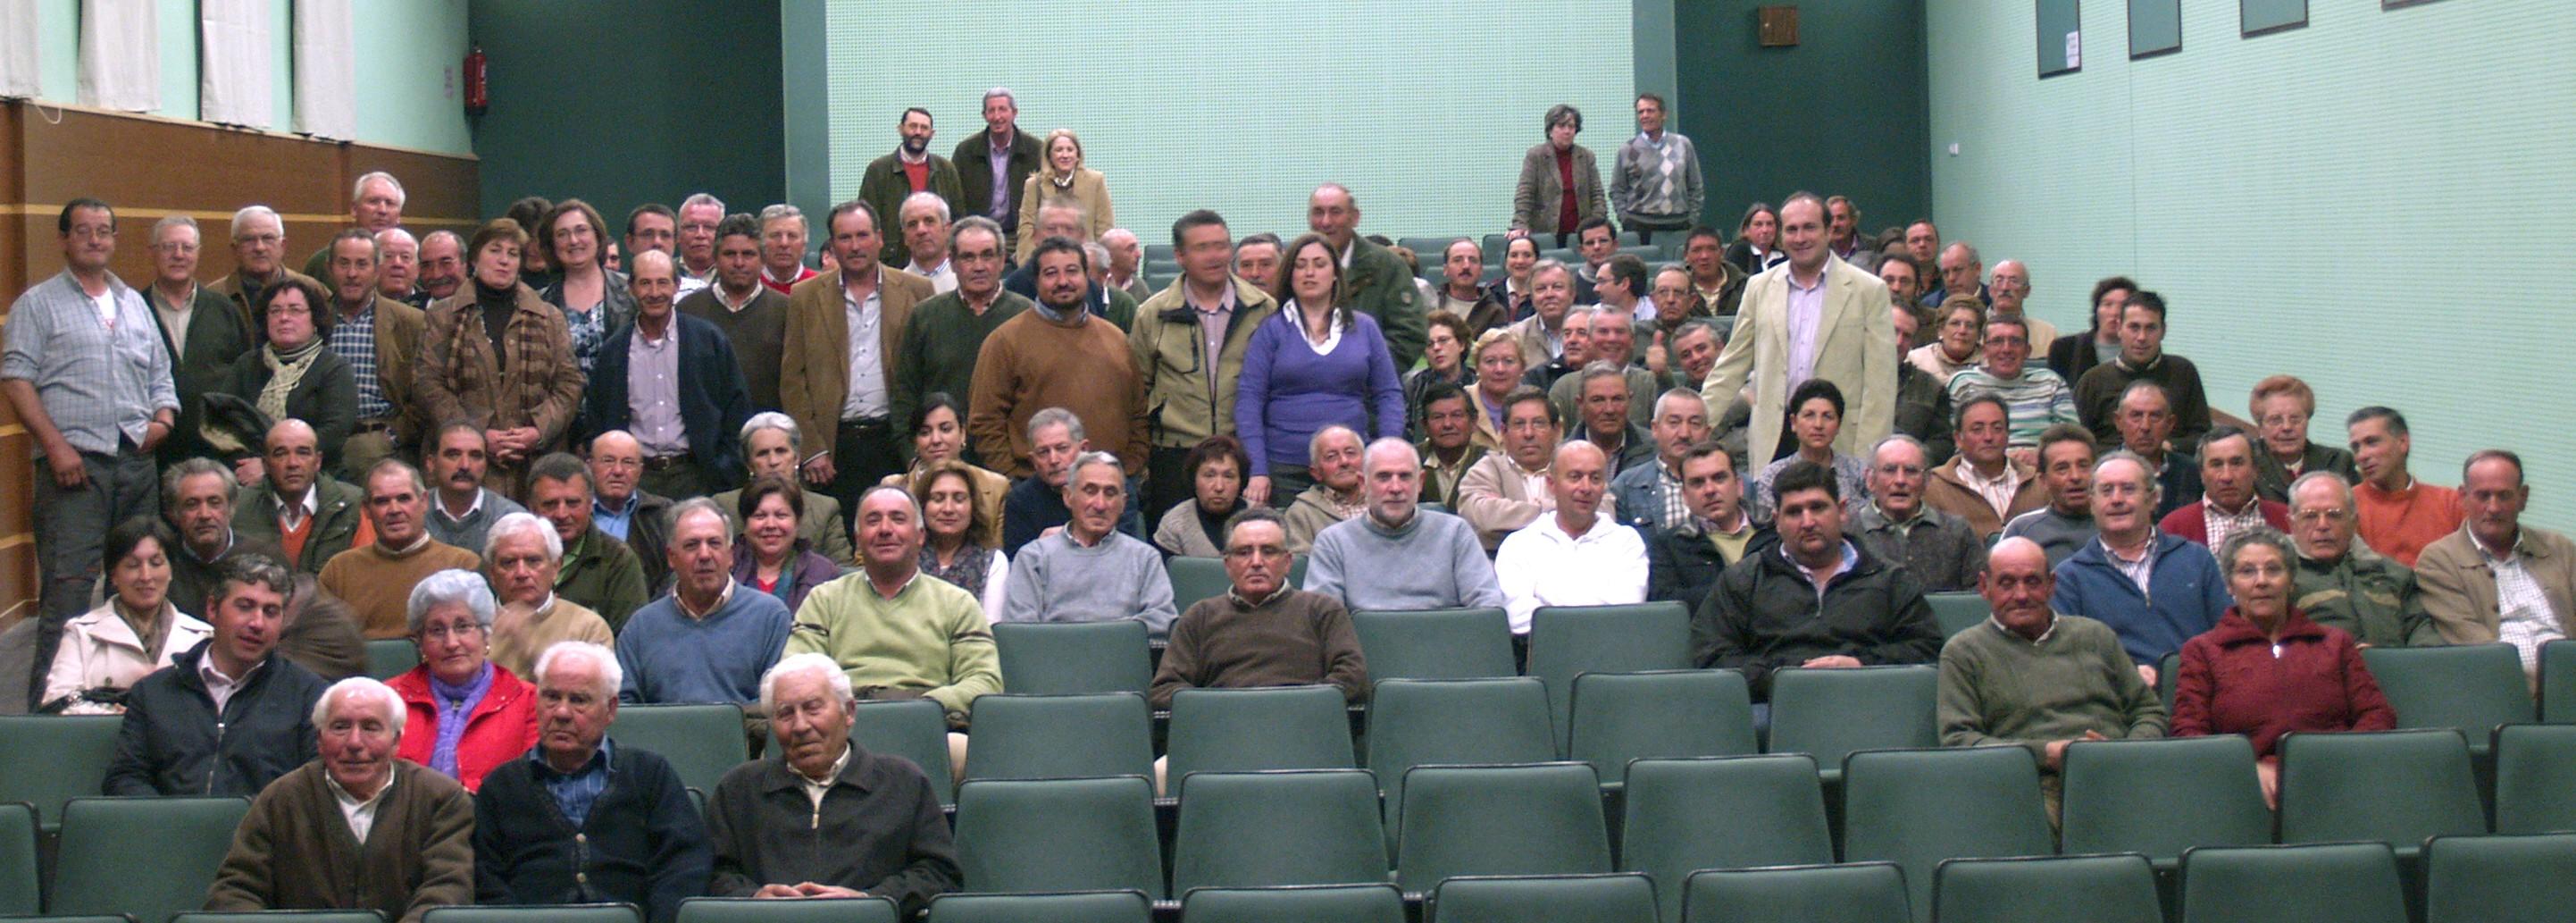 Asamblea General Aceite Ecológico Olivarera Los Pedroches